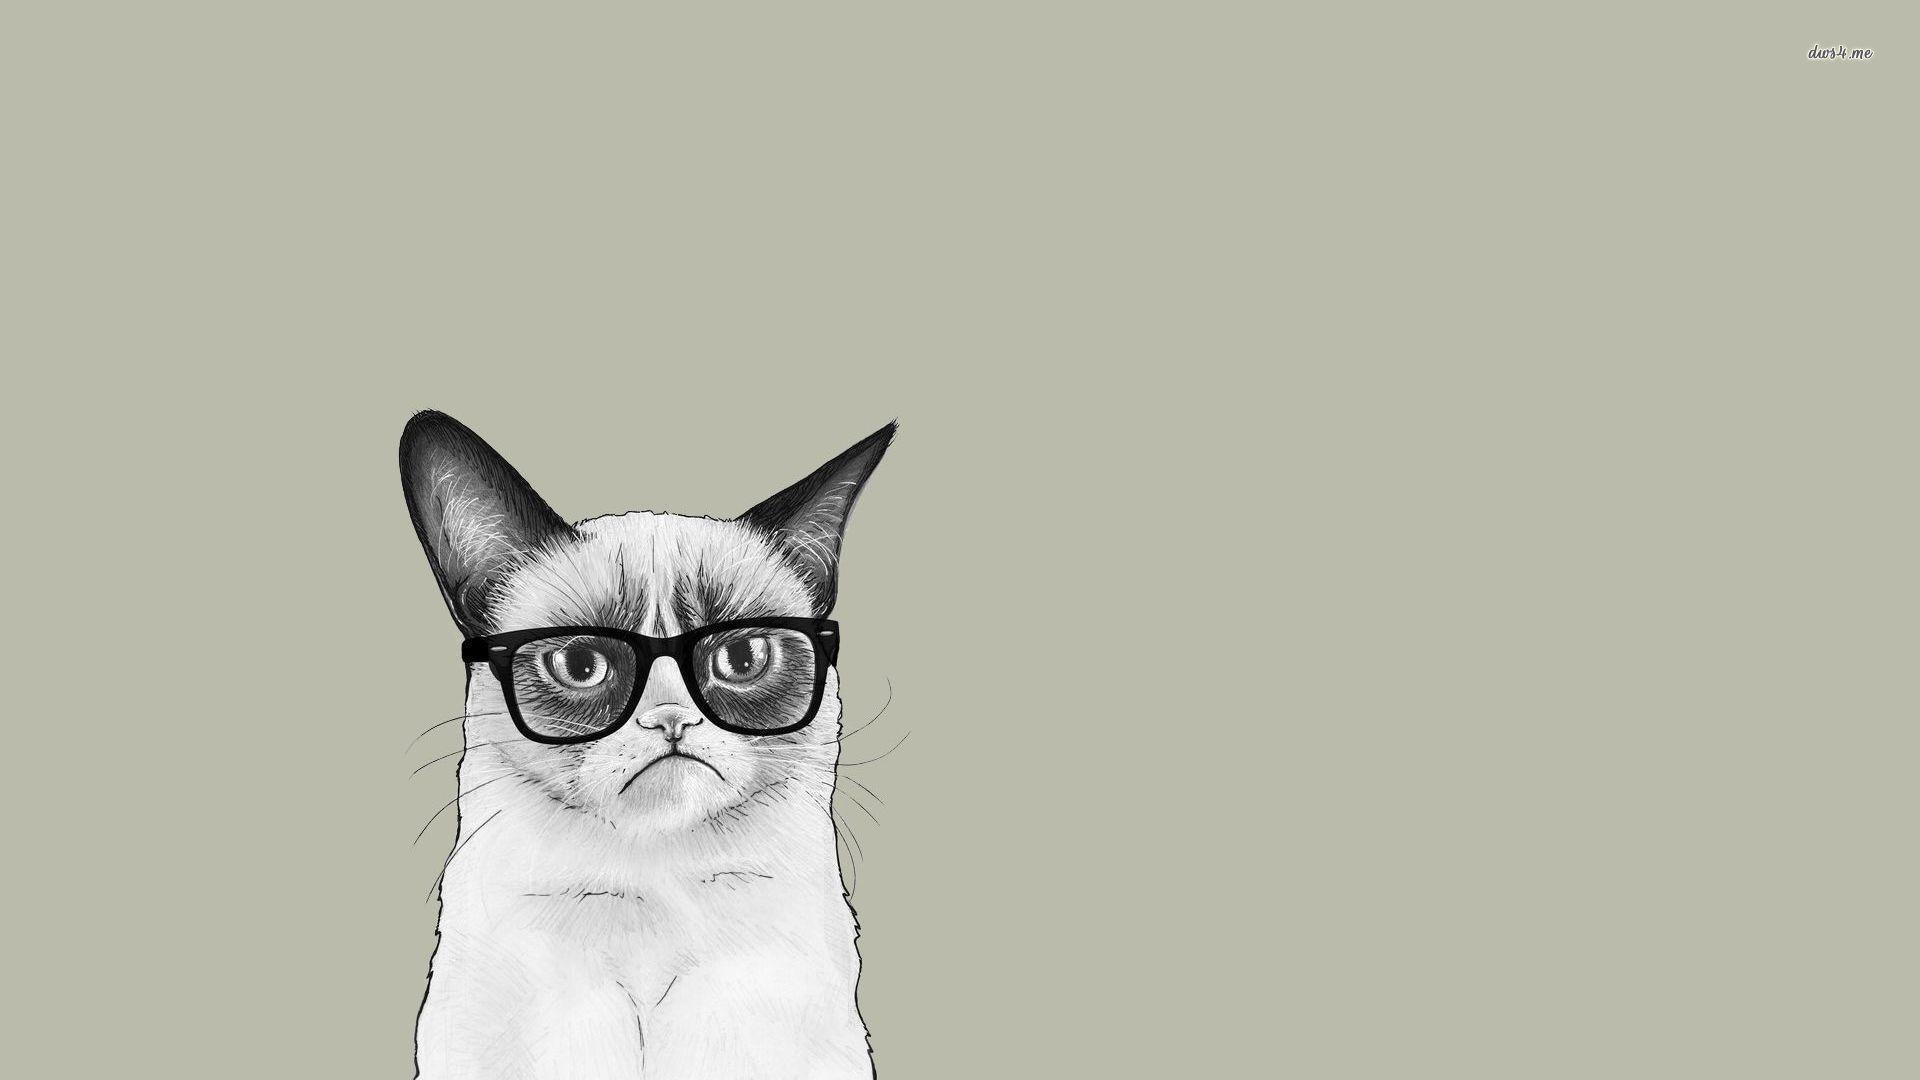 Grumpy Cat Wallpapers Wallpaper Cave